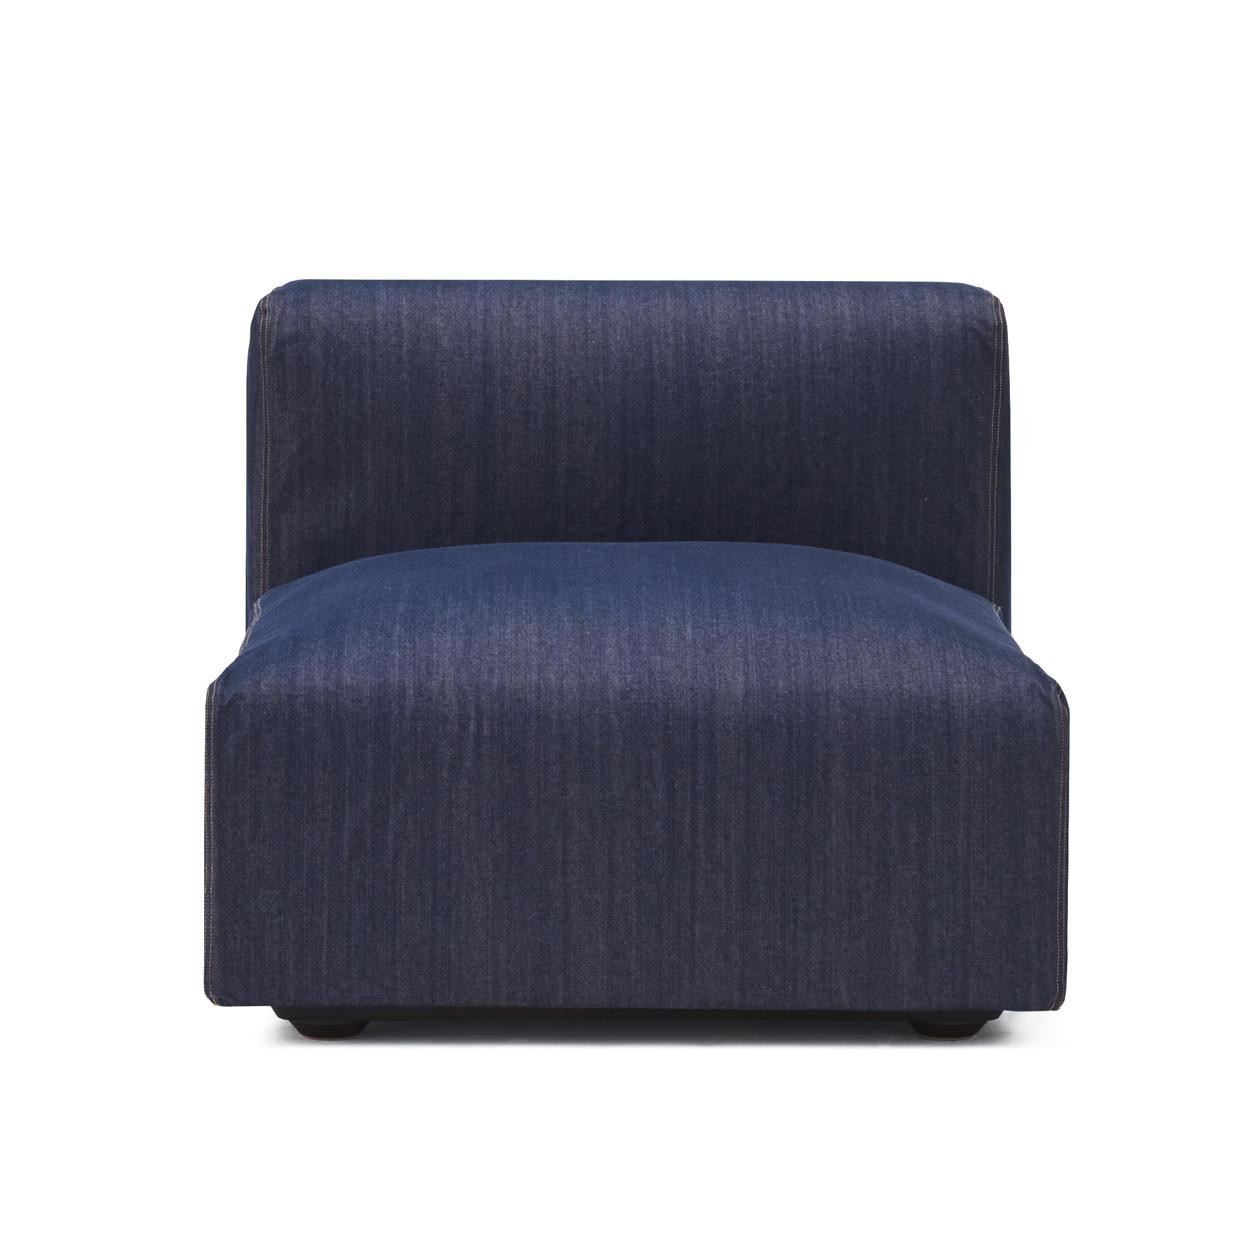 RoomClip商品情報 - 綿デニムユニットソファアームレス・大・幅77cm用カバー/ブルー ブルー